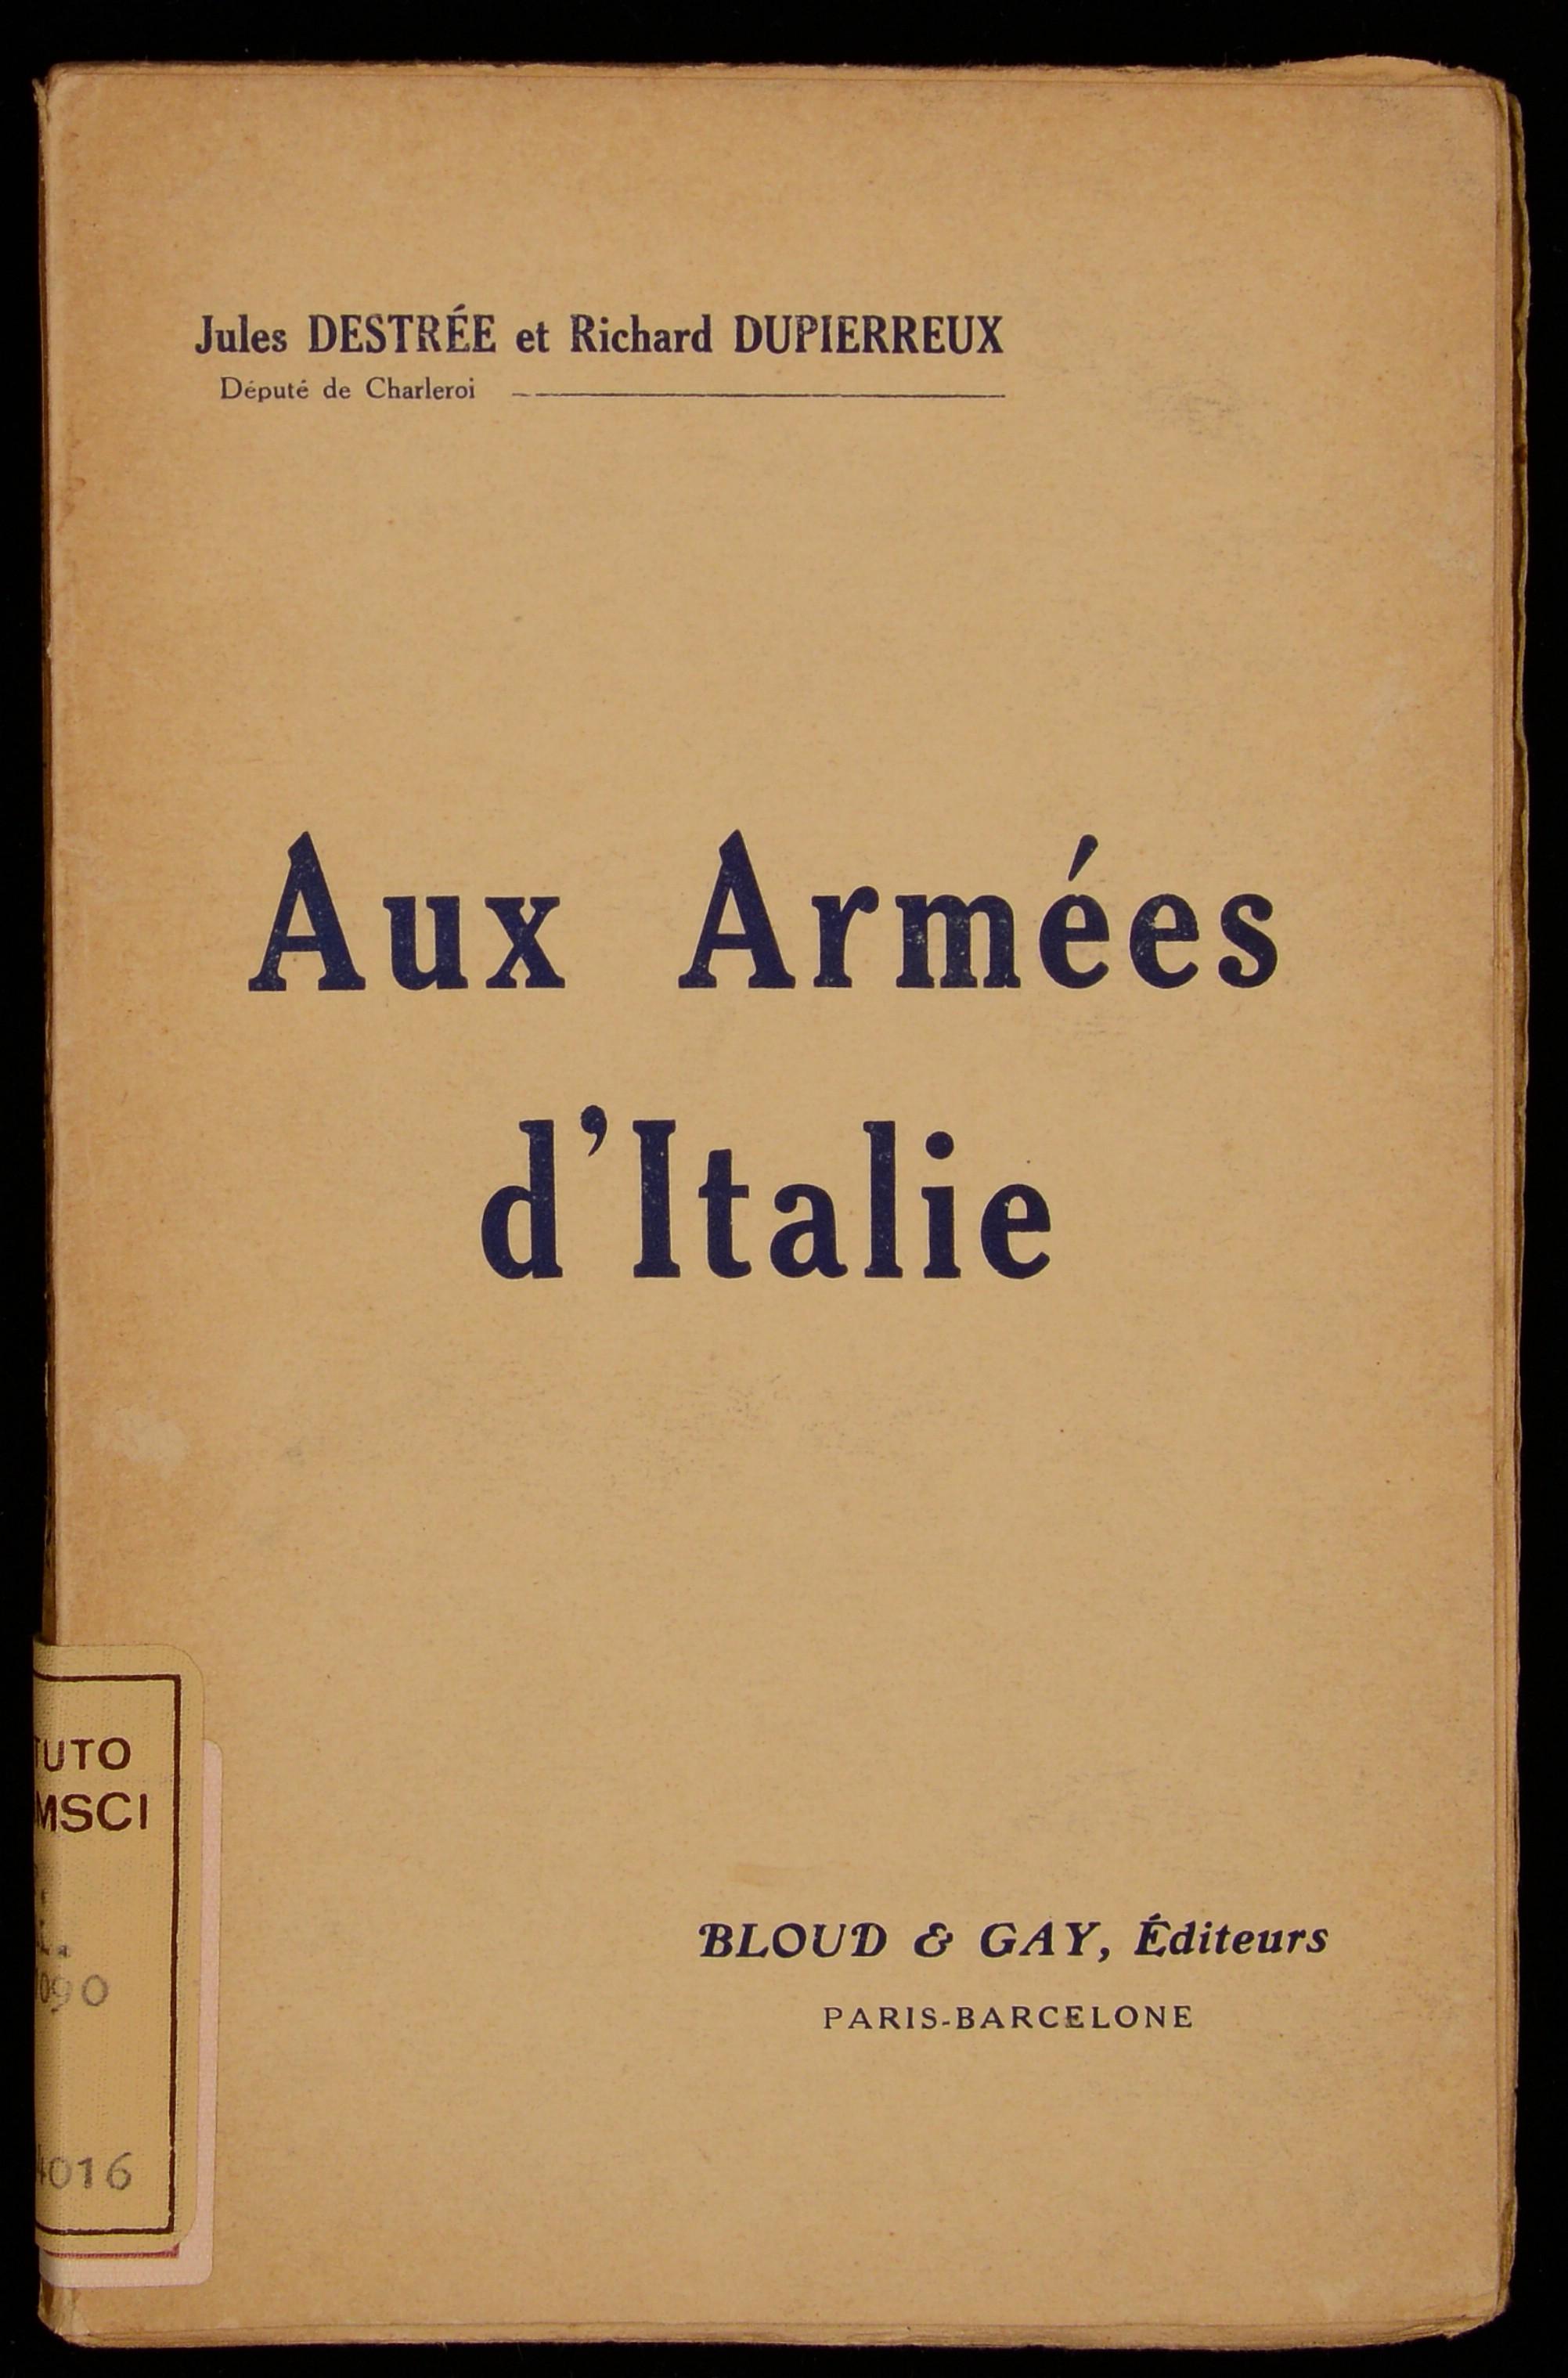 Aux armees d'Italie